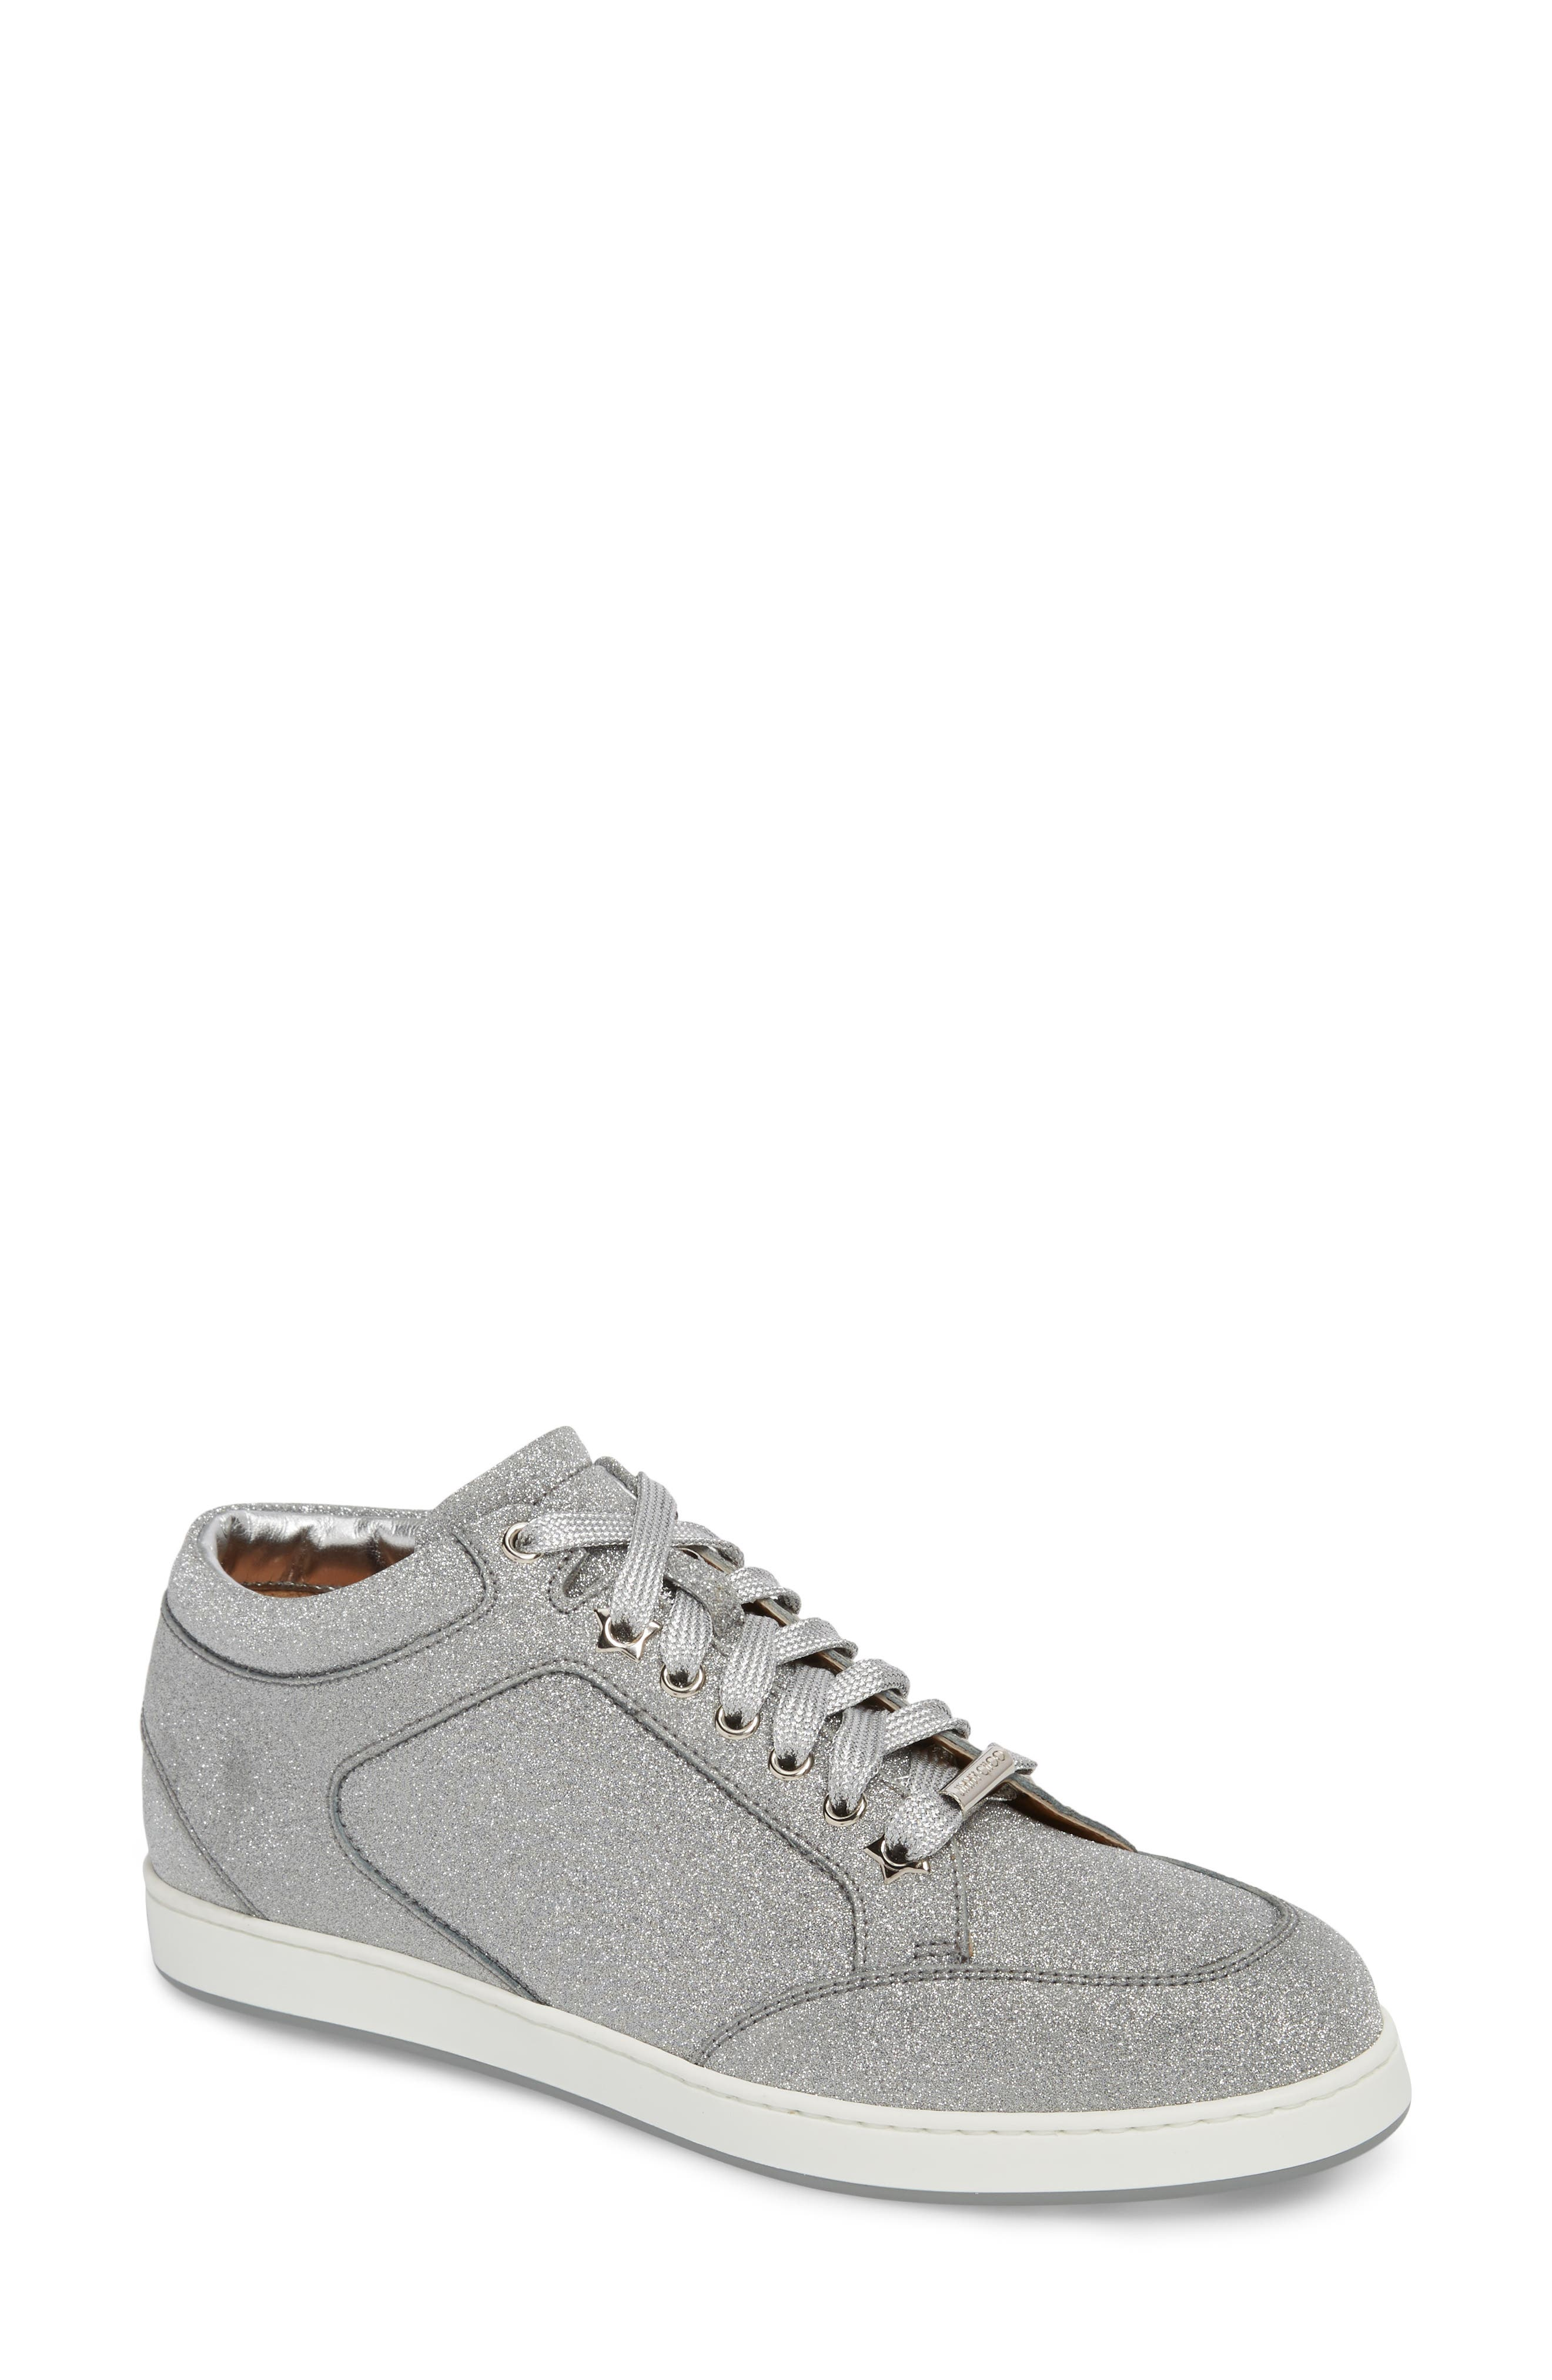 Miami Metallic Sneaker,                         Main,                         color, Silver